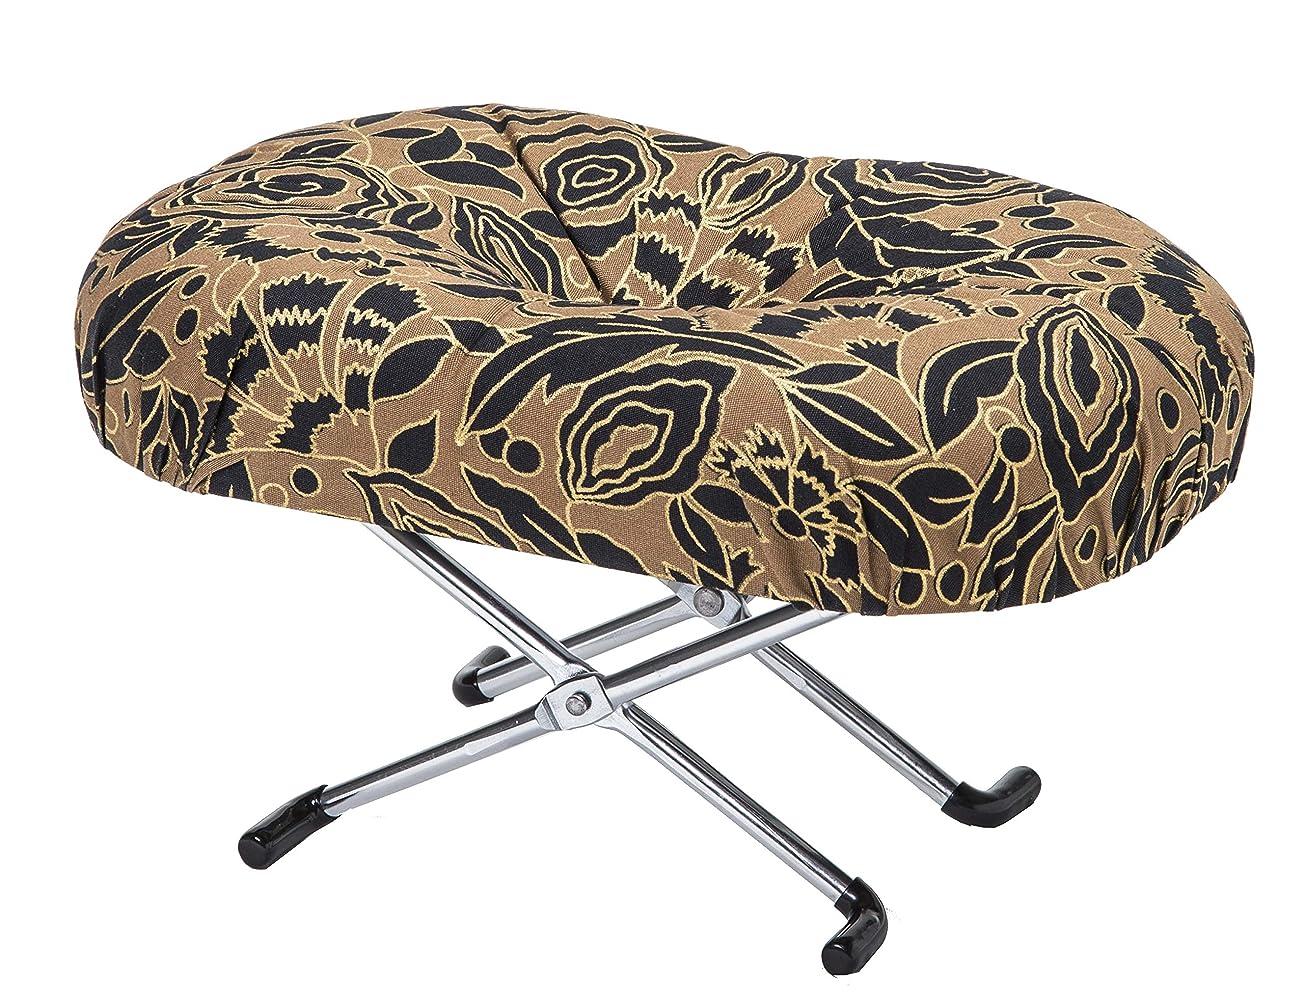 抑止する繰り返す味方住友産業 コンパクト らくらく正座椅子E-9-3 折りたたみ式 正座椅子えくぼ3段式 黒金